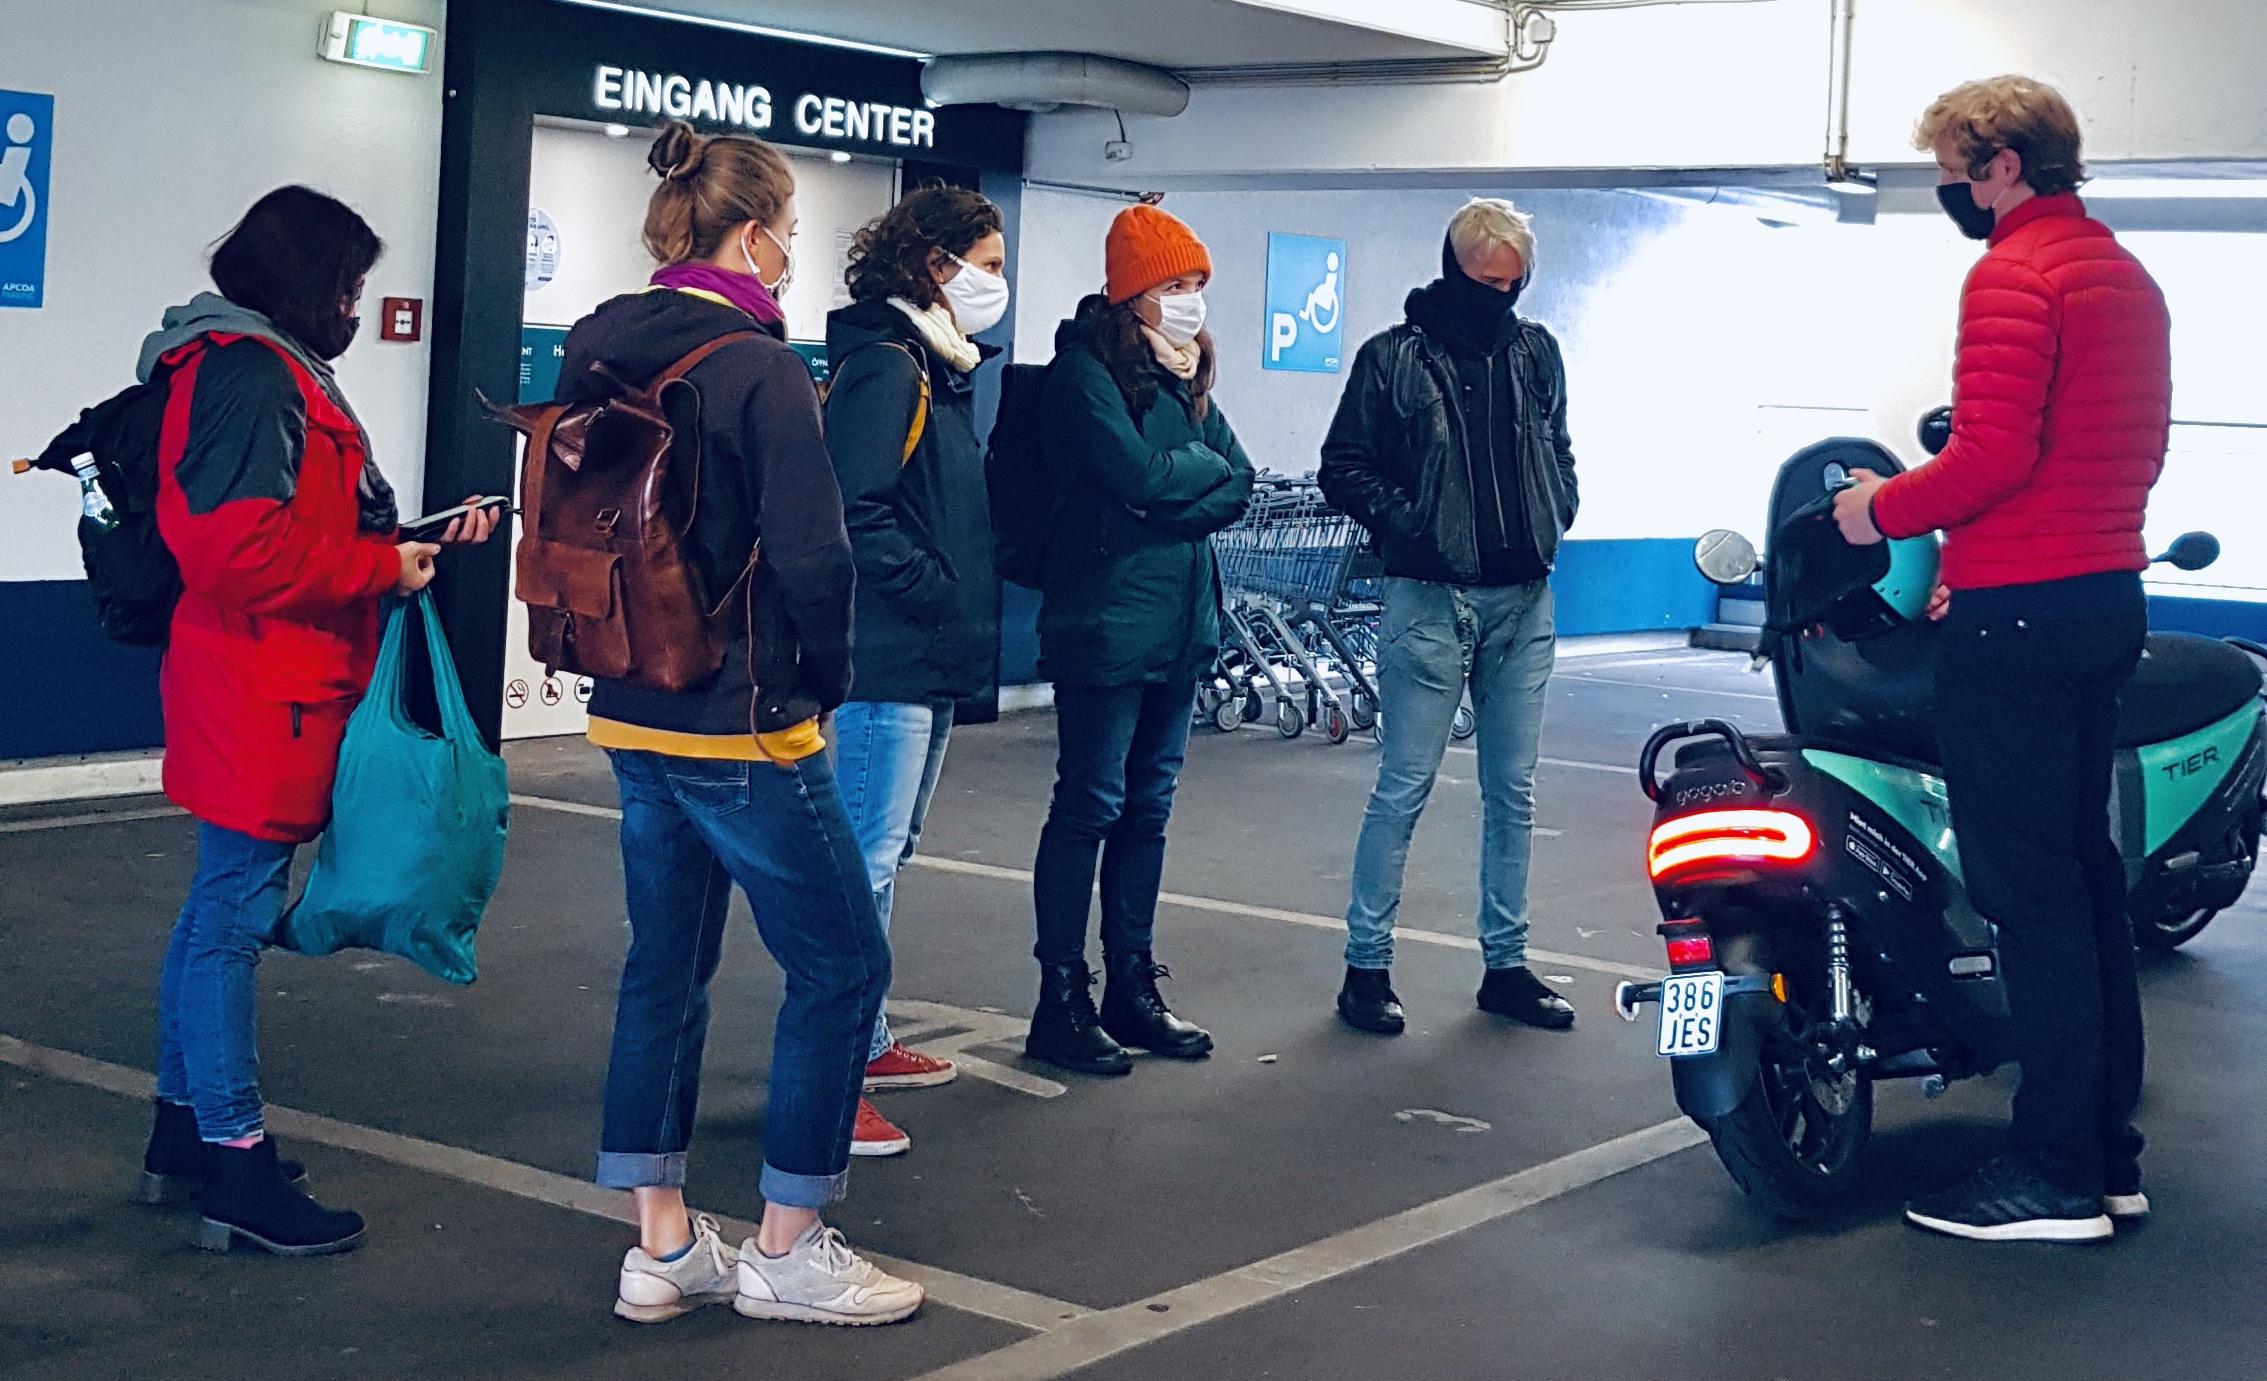 Eine Person erklärt einer Gruppe von Frauen die Nutzung eines E-Mopeds